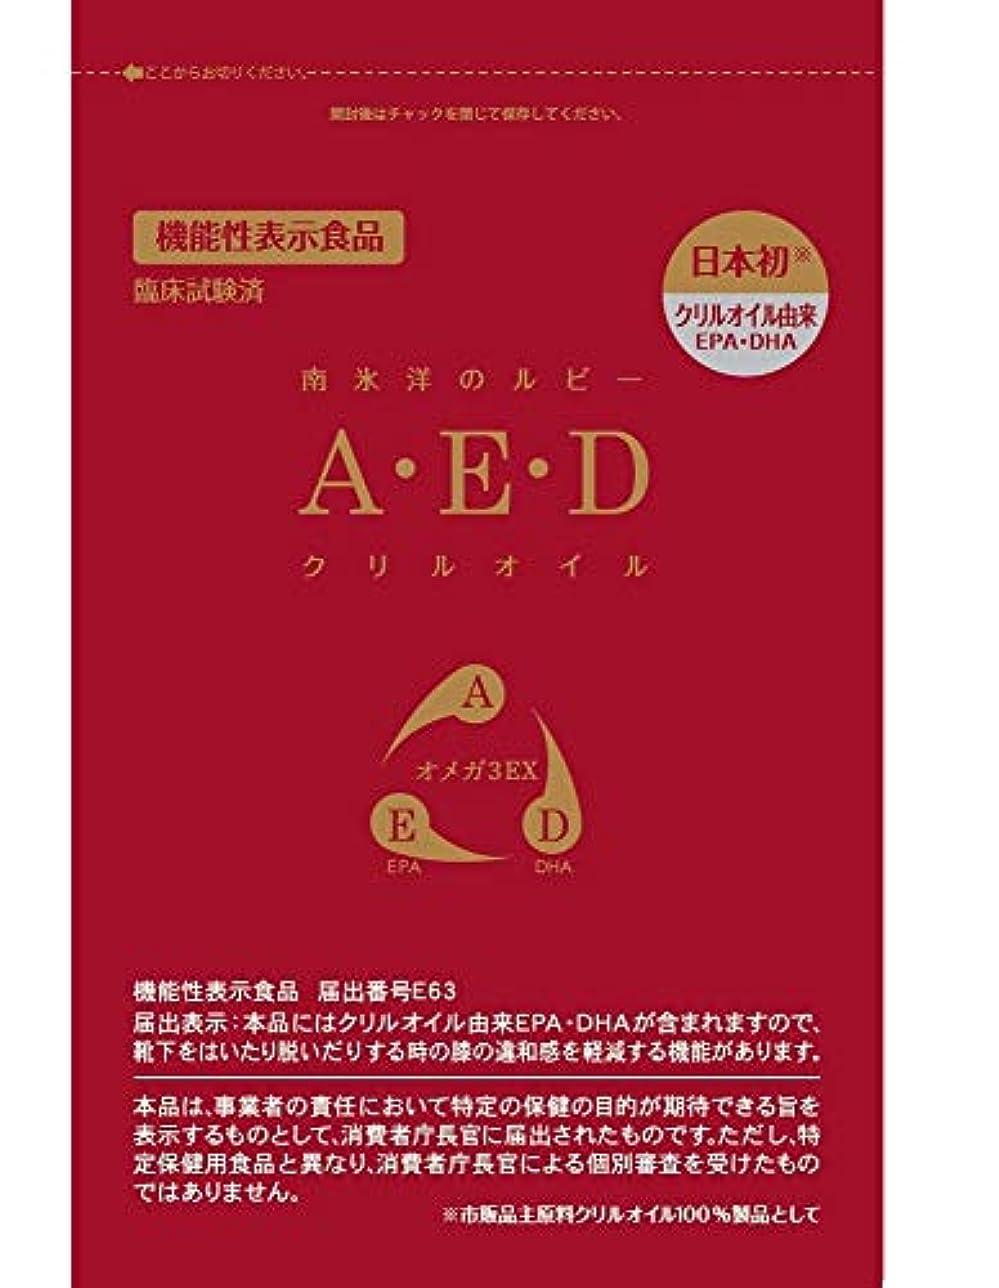 否定する谷独創的A?E?Dクリルオイル機能性表示食品120粒【臨床試験済?日本製】